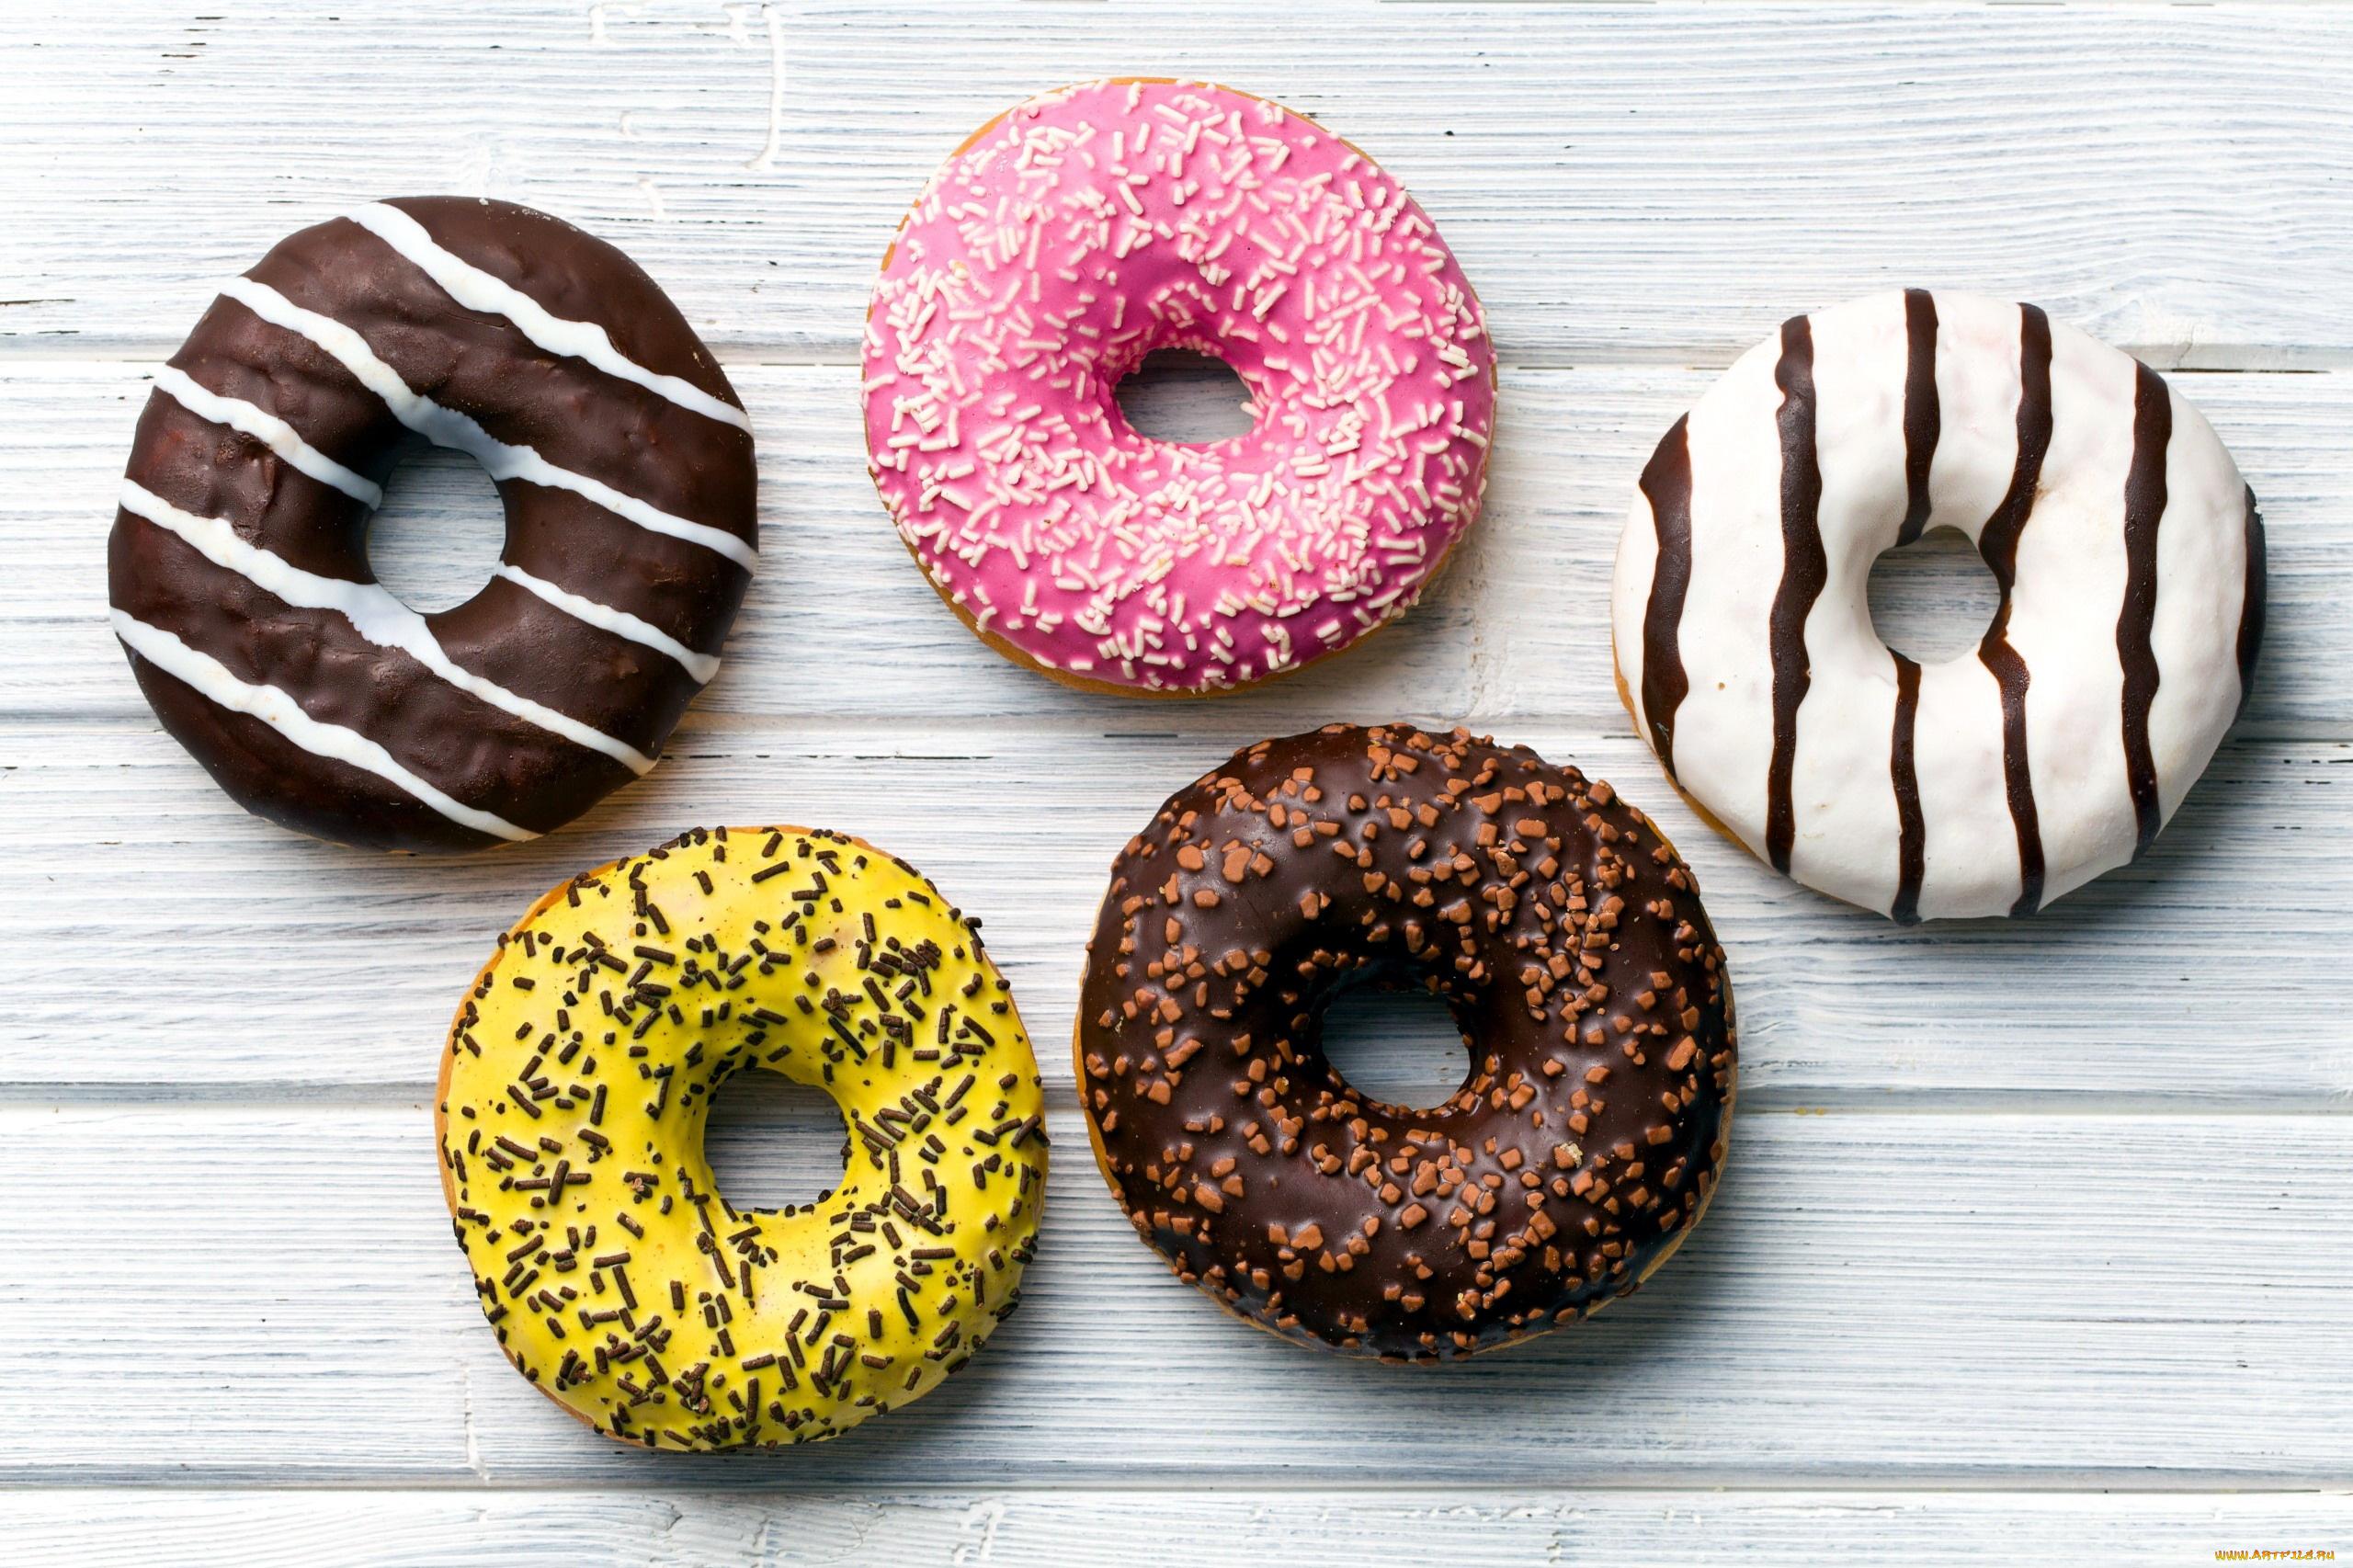 еда пончик food donut без смс